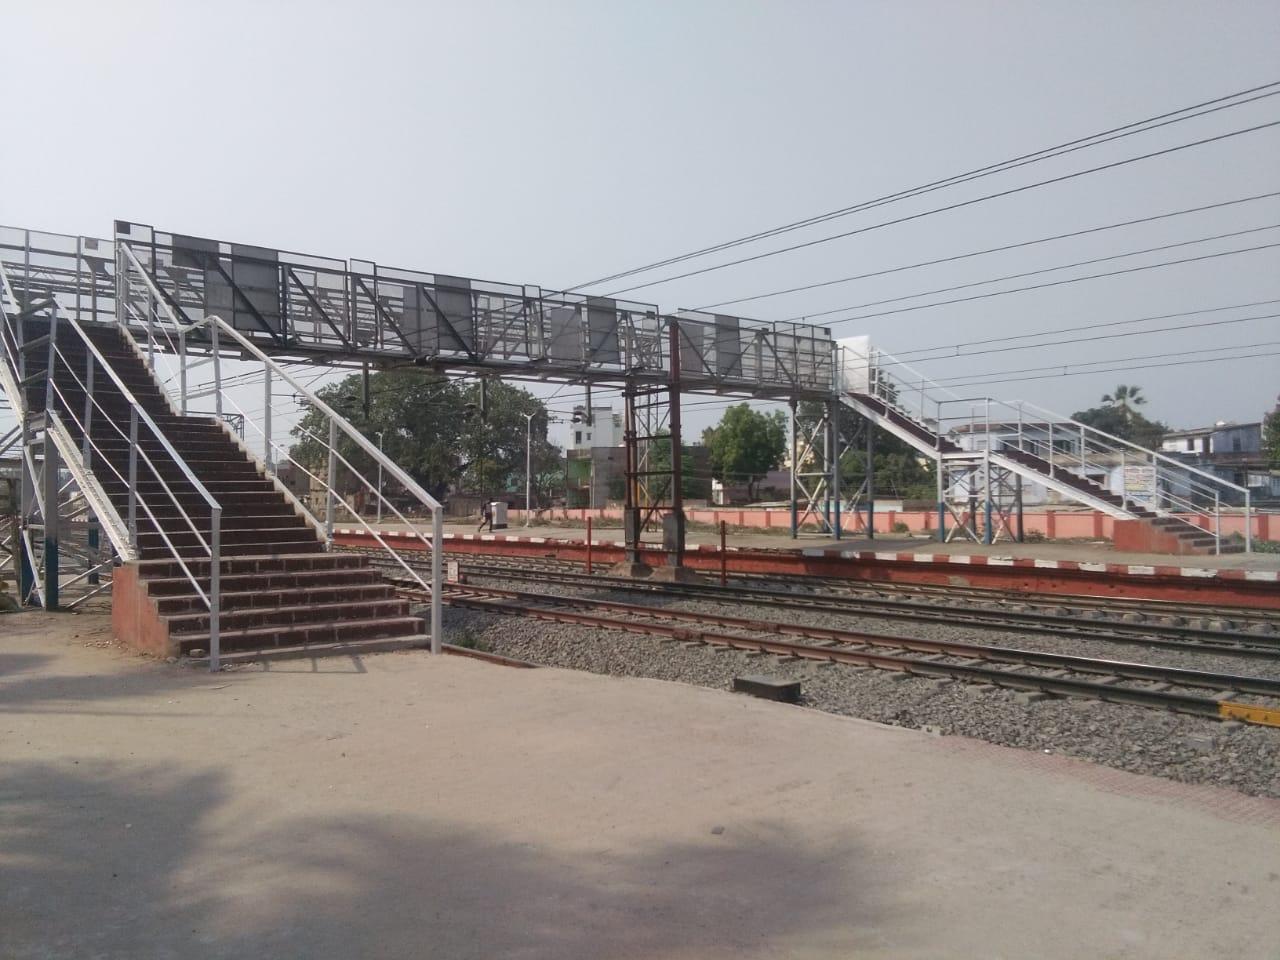 हमारी खबर का असर: जागा दलसिंहसराय रेलवे प्रशासन, यात्रियों के लिये खुला ब्रिज, मेंटेनेंस का काम चालू समस्तीपुर Town